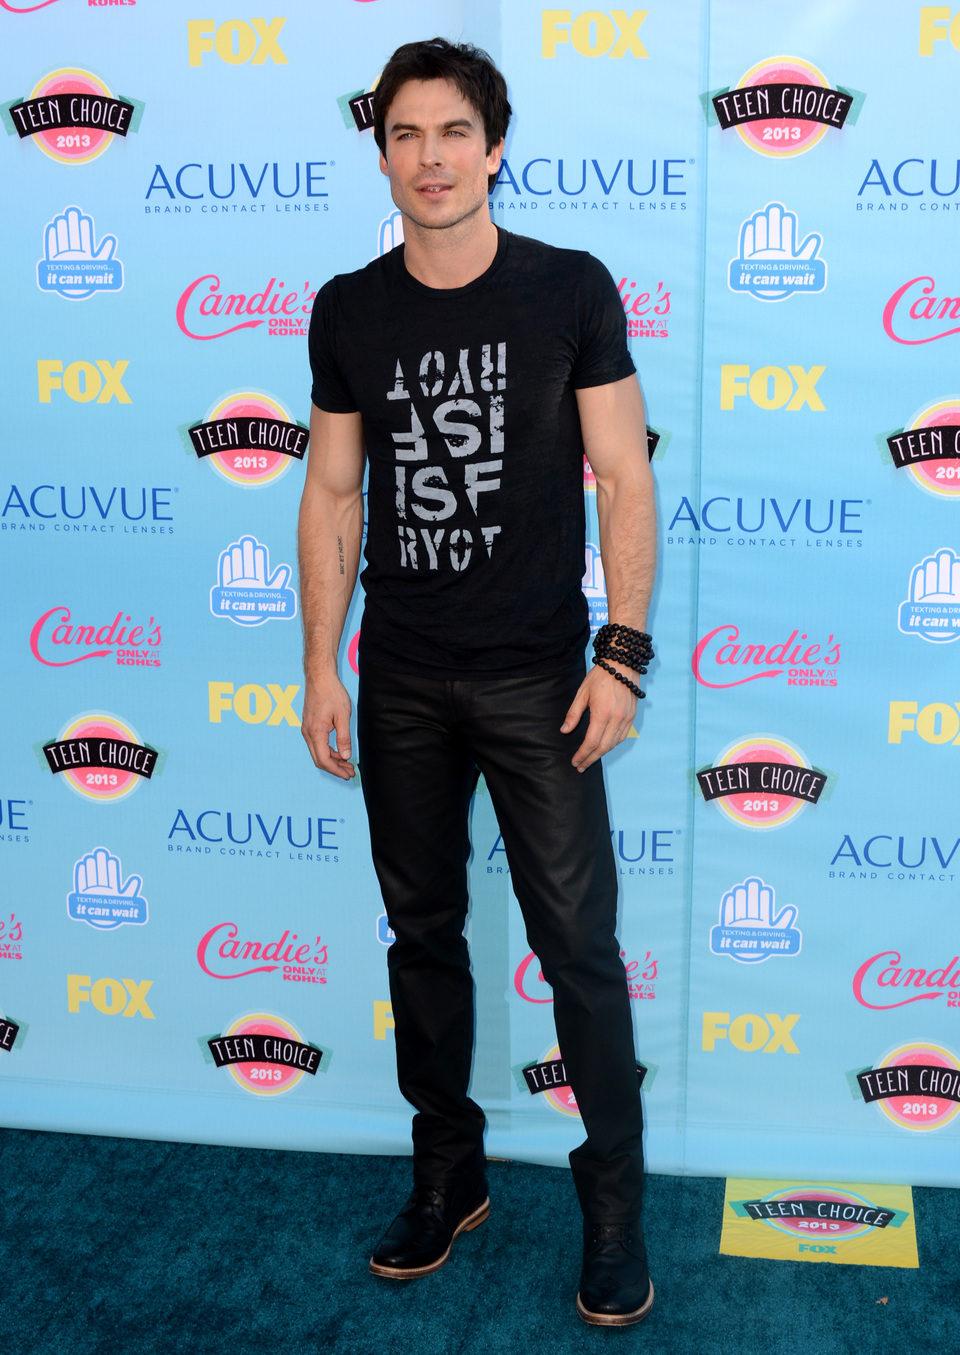 Ian Somerhalder en los Teen Choice Awards 2013